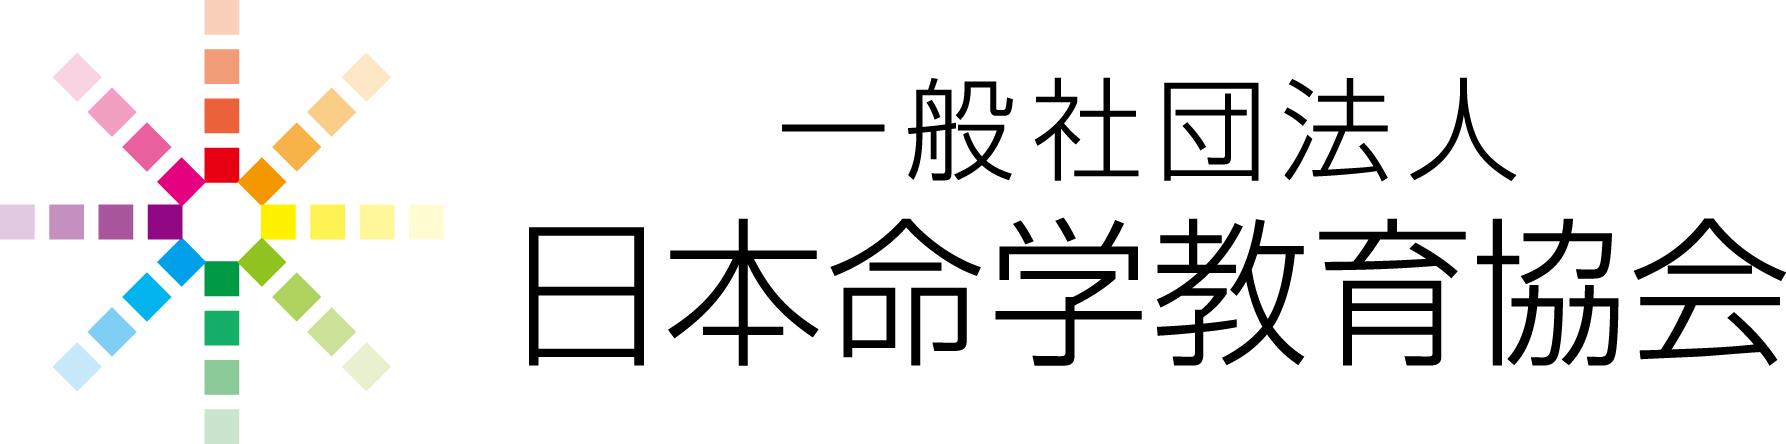 一般社団法人 日本命学教育協会